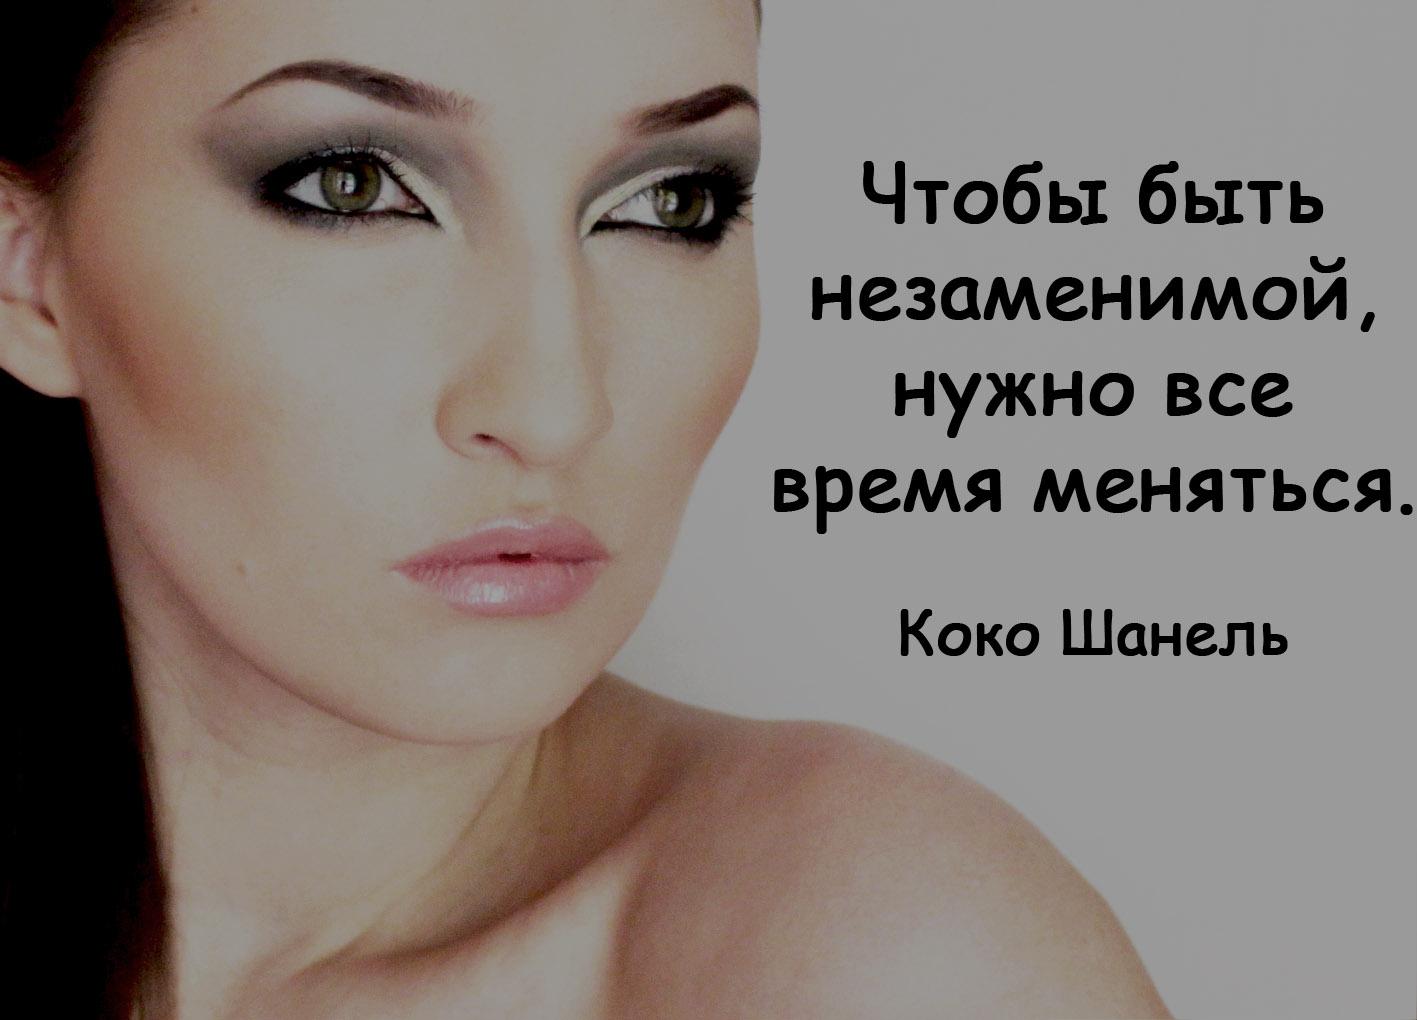 Цитата Коко Шанель о красоте